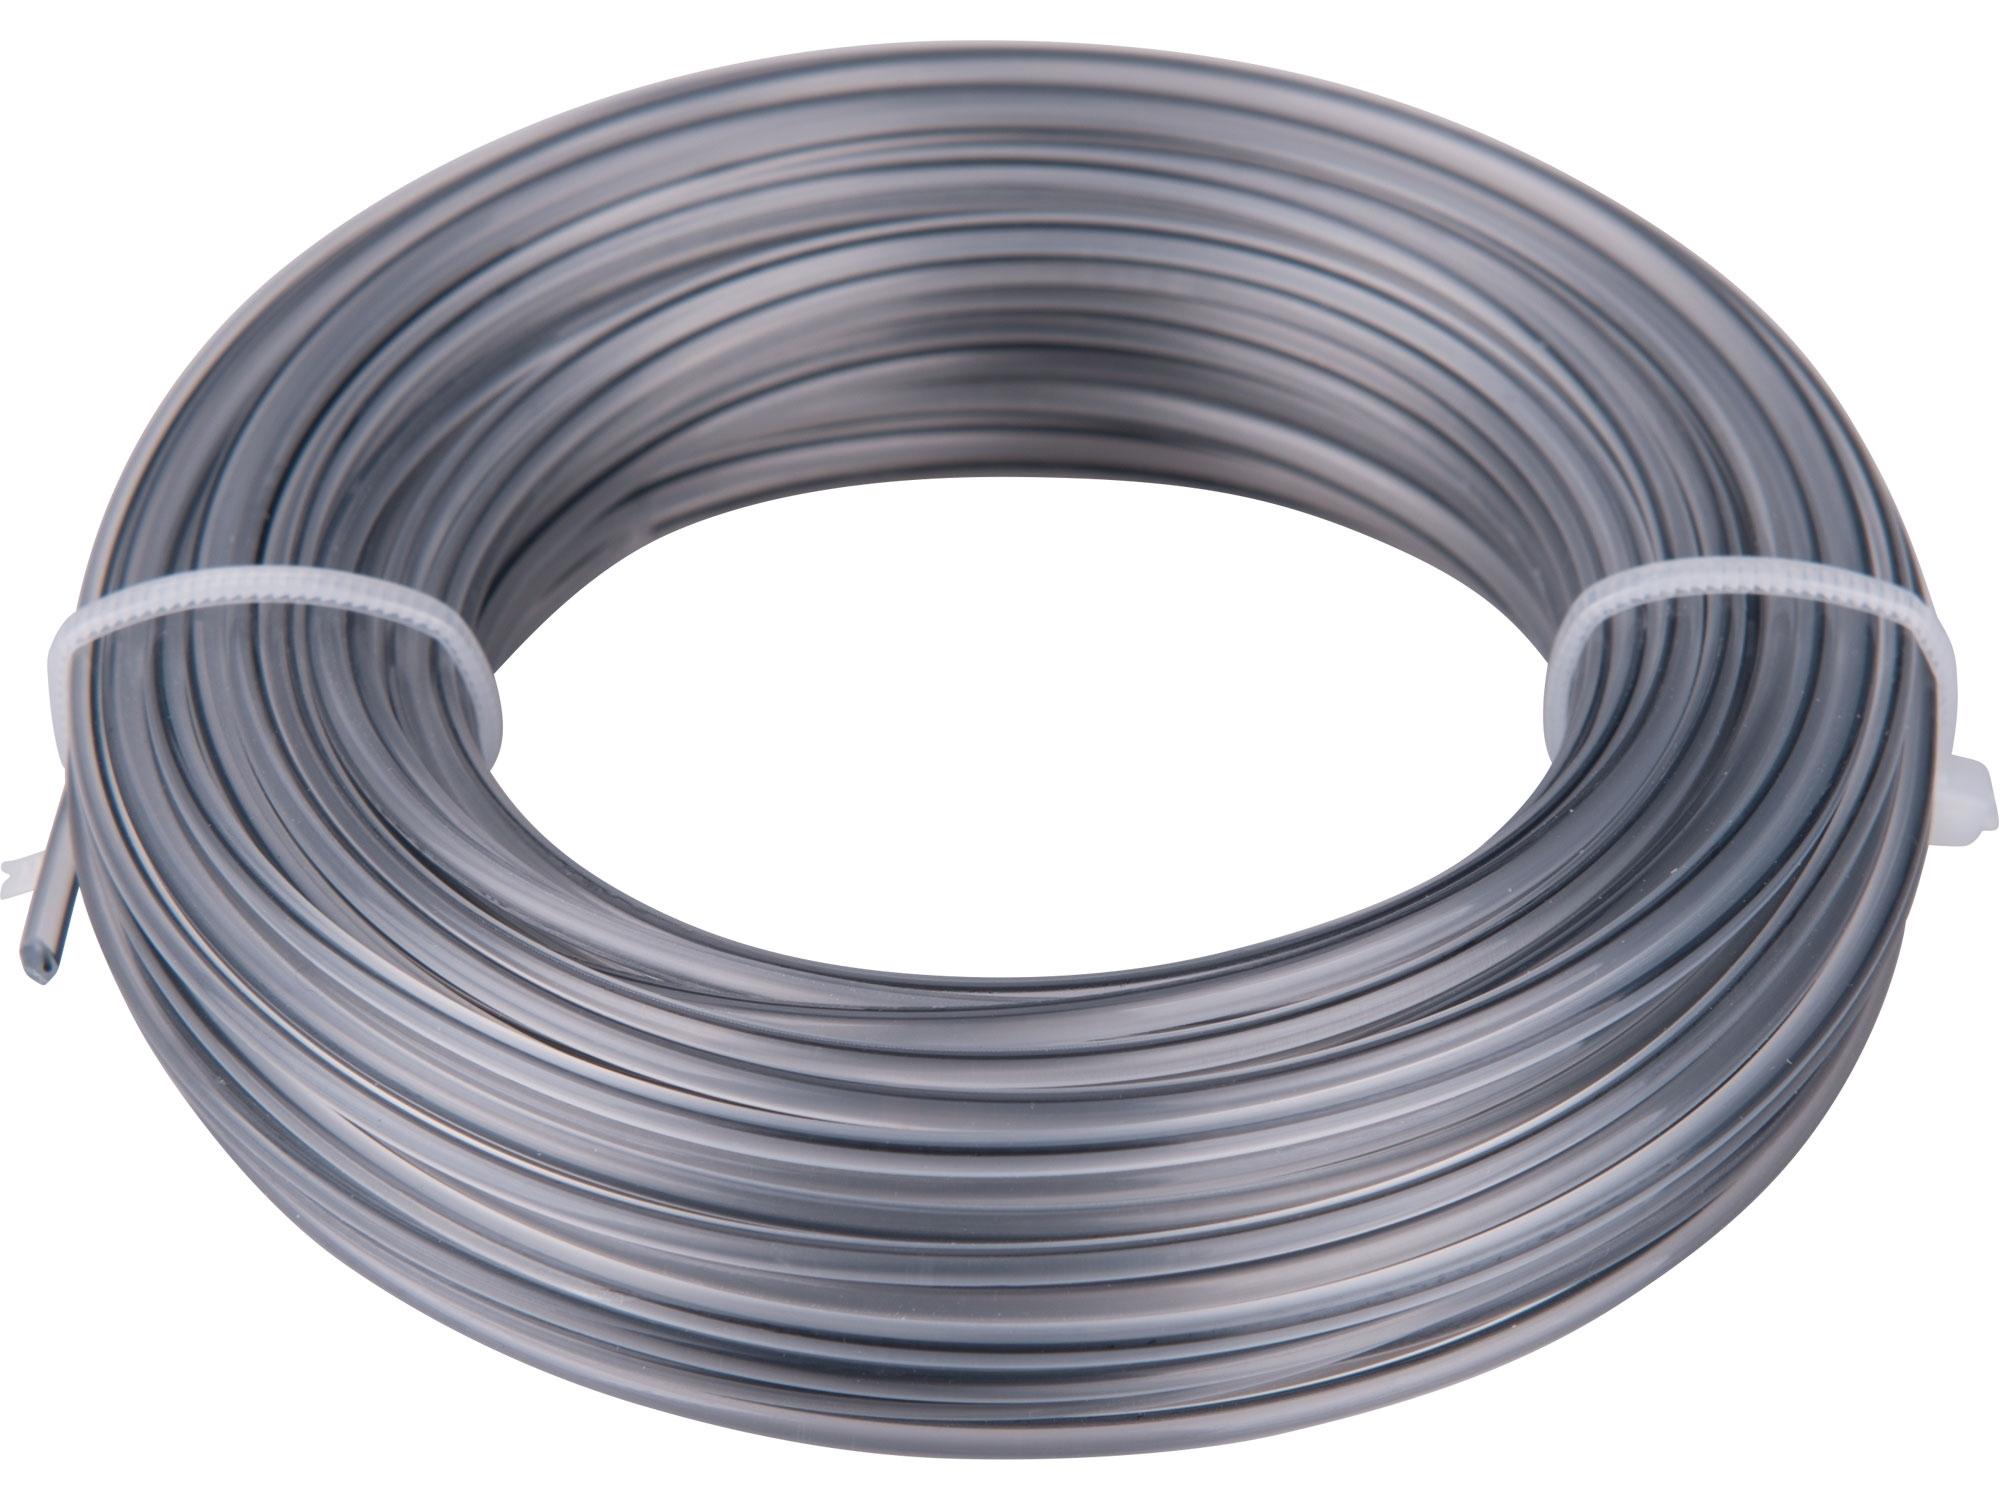 žací struna do sekačky s jádrem, kruhový profil, 2,0mm, 15m, PA66